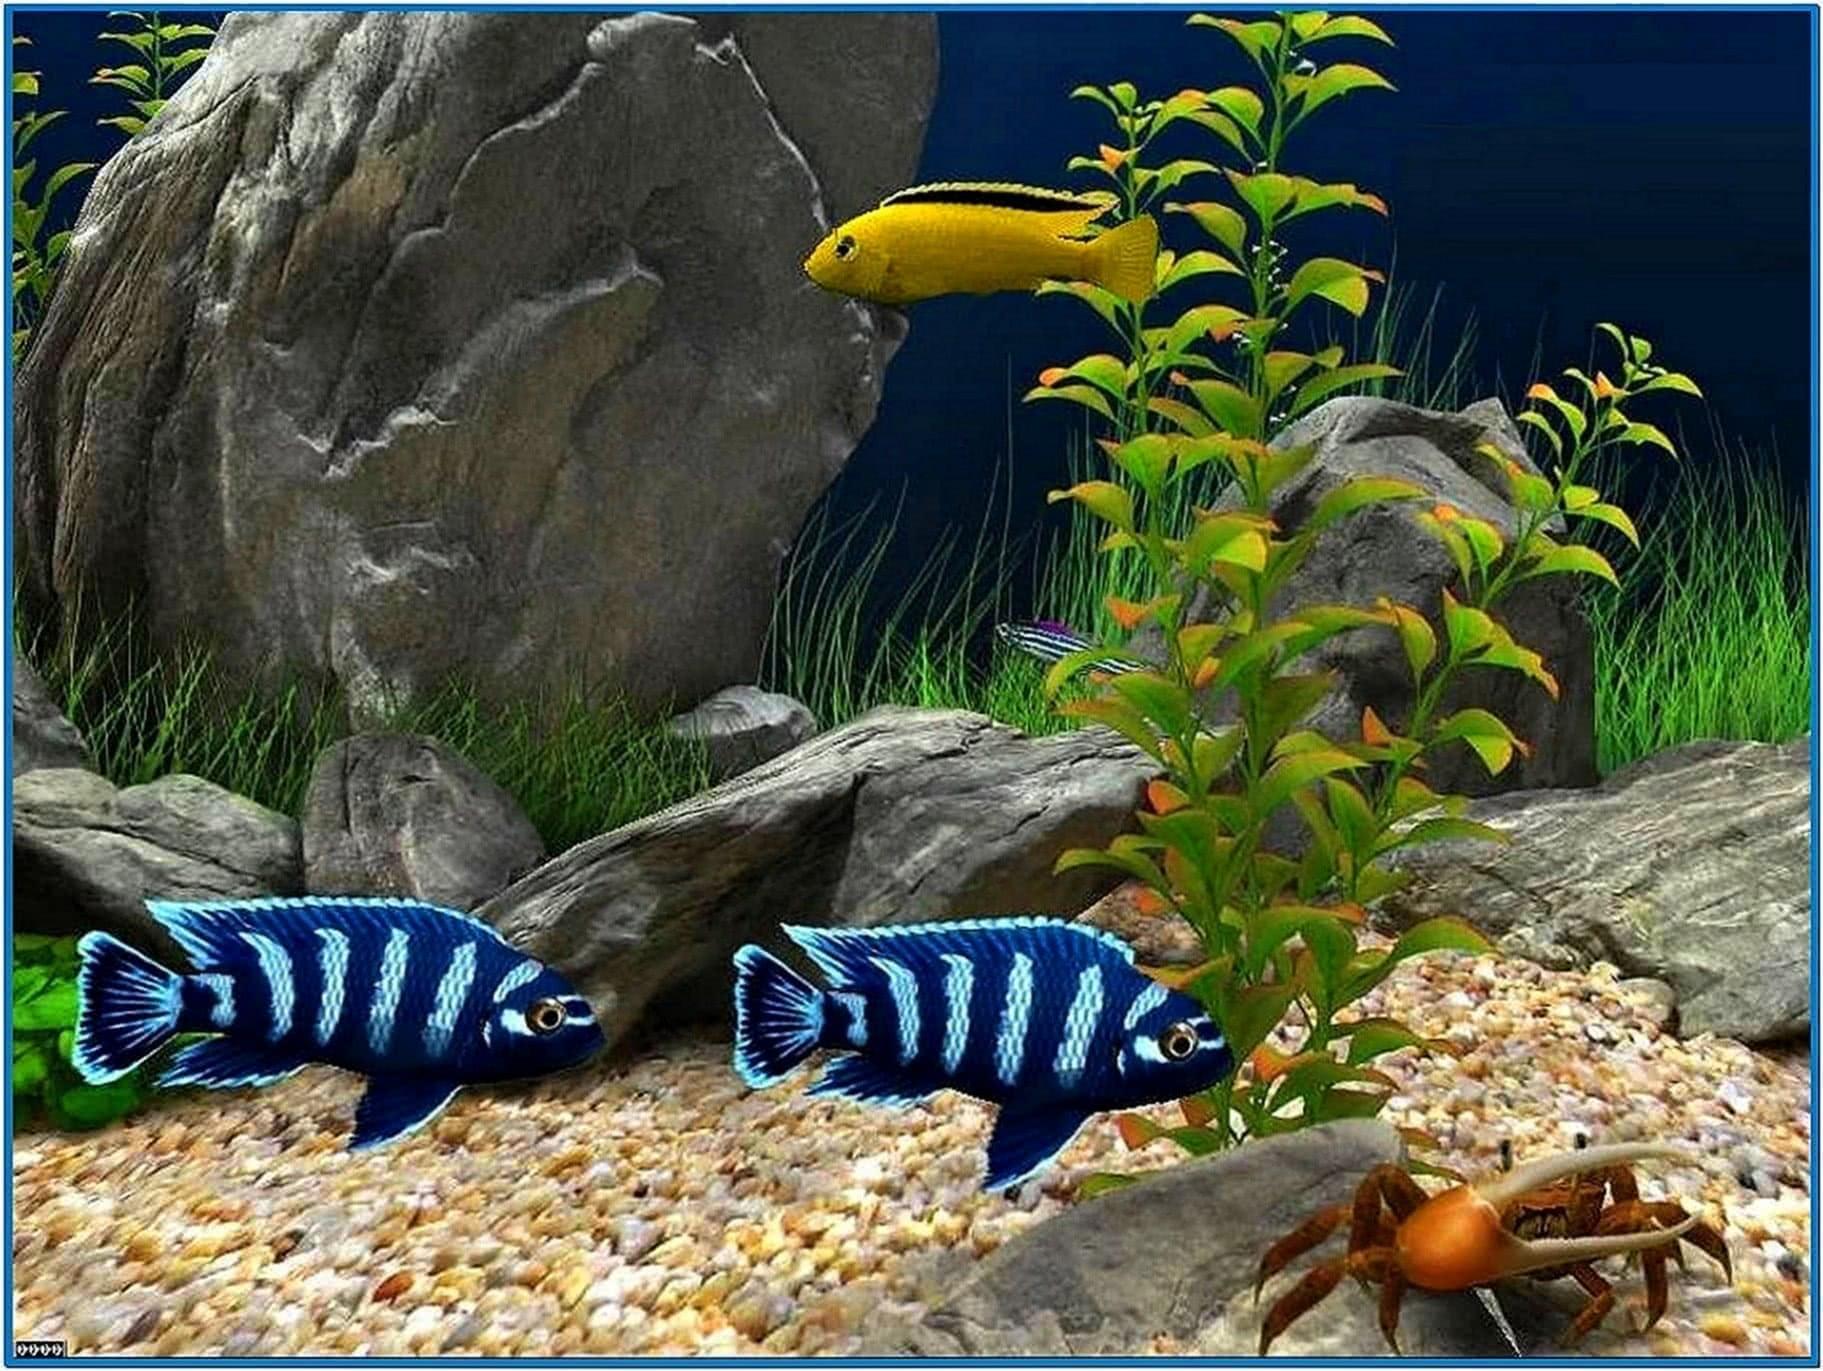 Screensavers hd aquarium